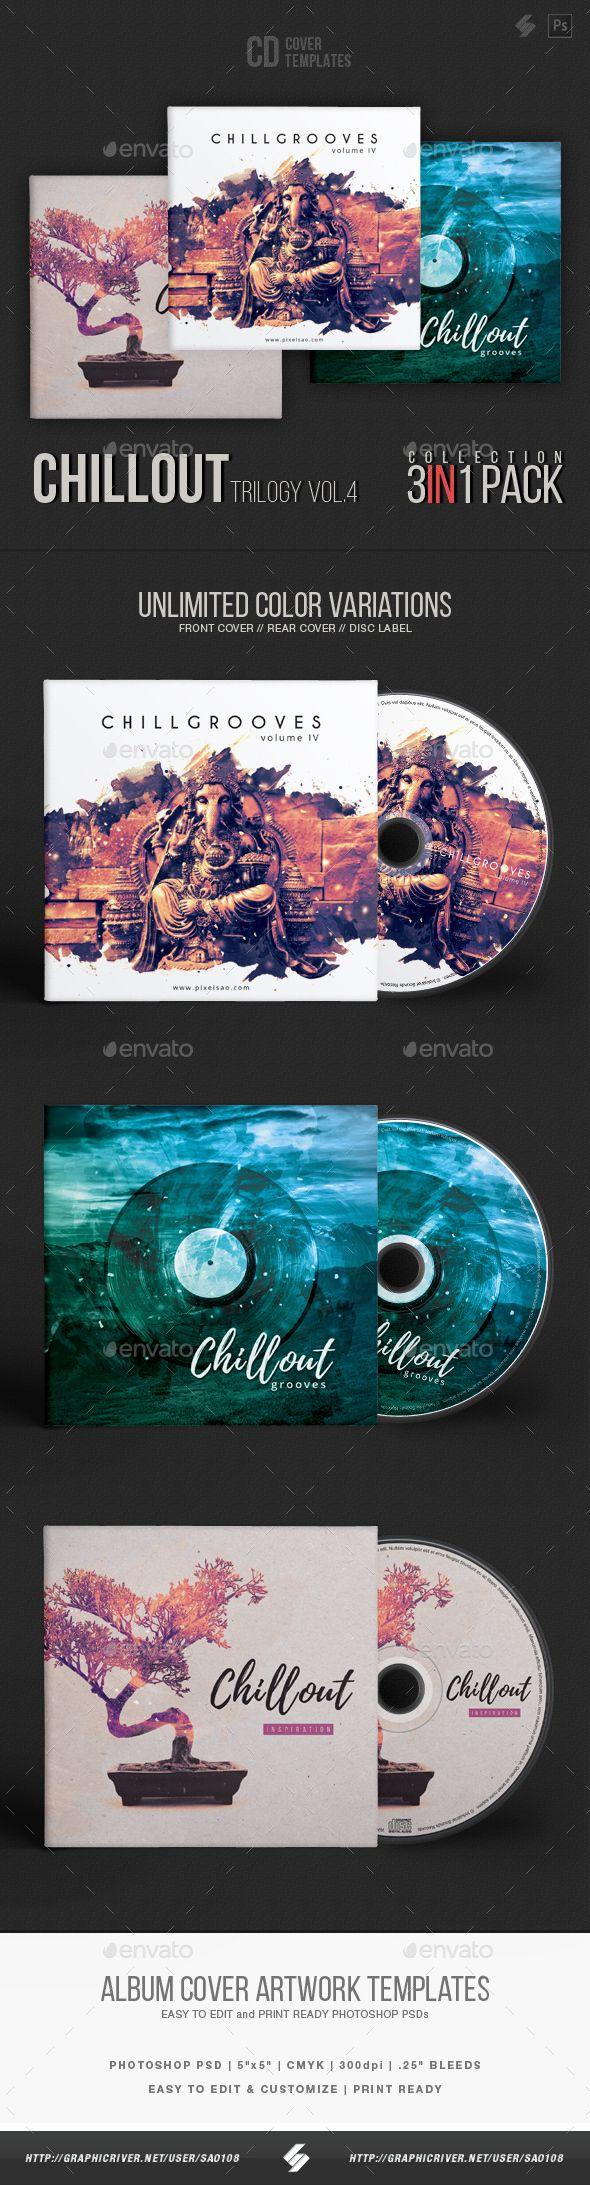 Chillout Trilogy vol.4 - CD Cover Templates Bundle